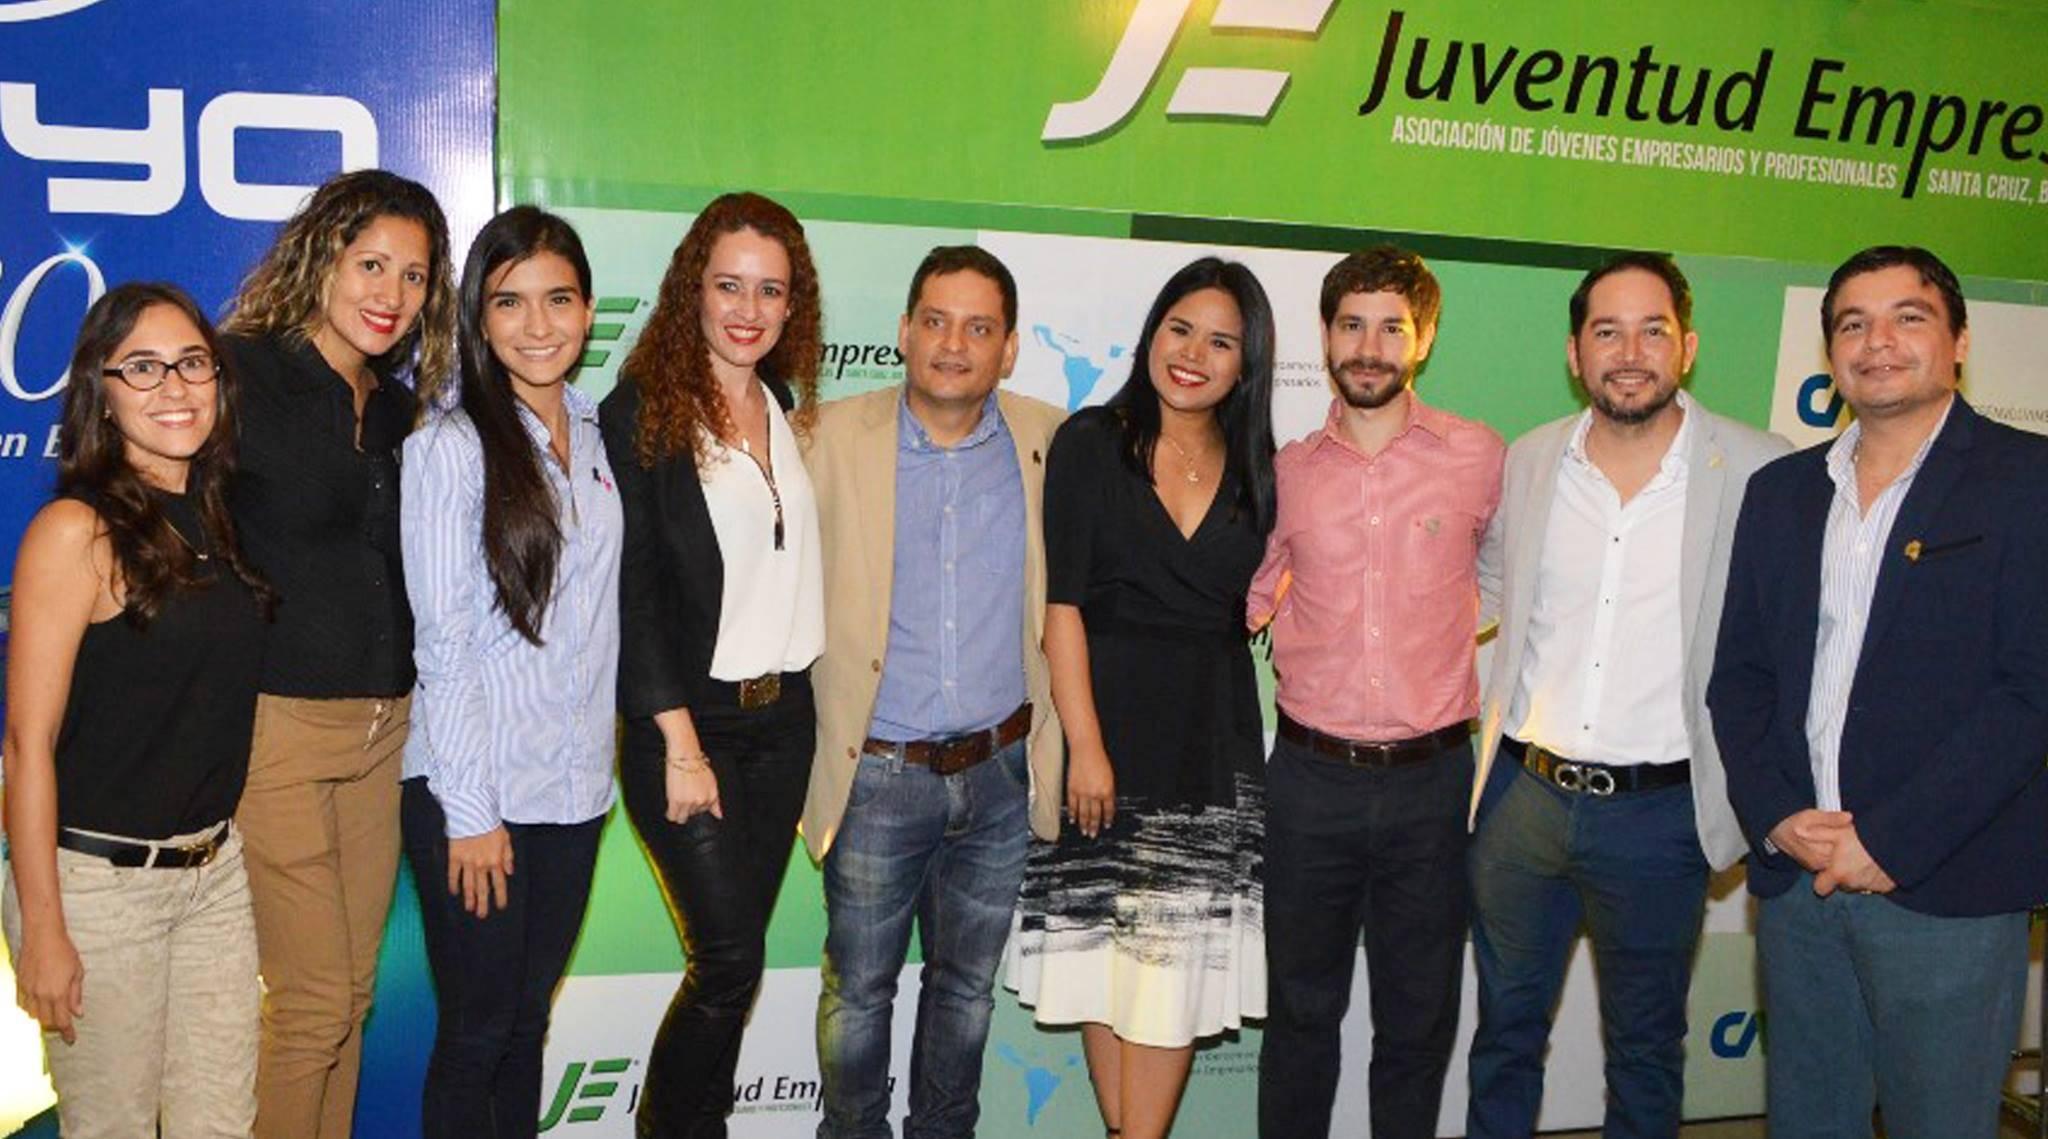 El desafío actual del joven boliviano está en desarrollar competencias que les permitan transcender: Gabriela Jiménez